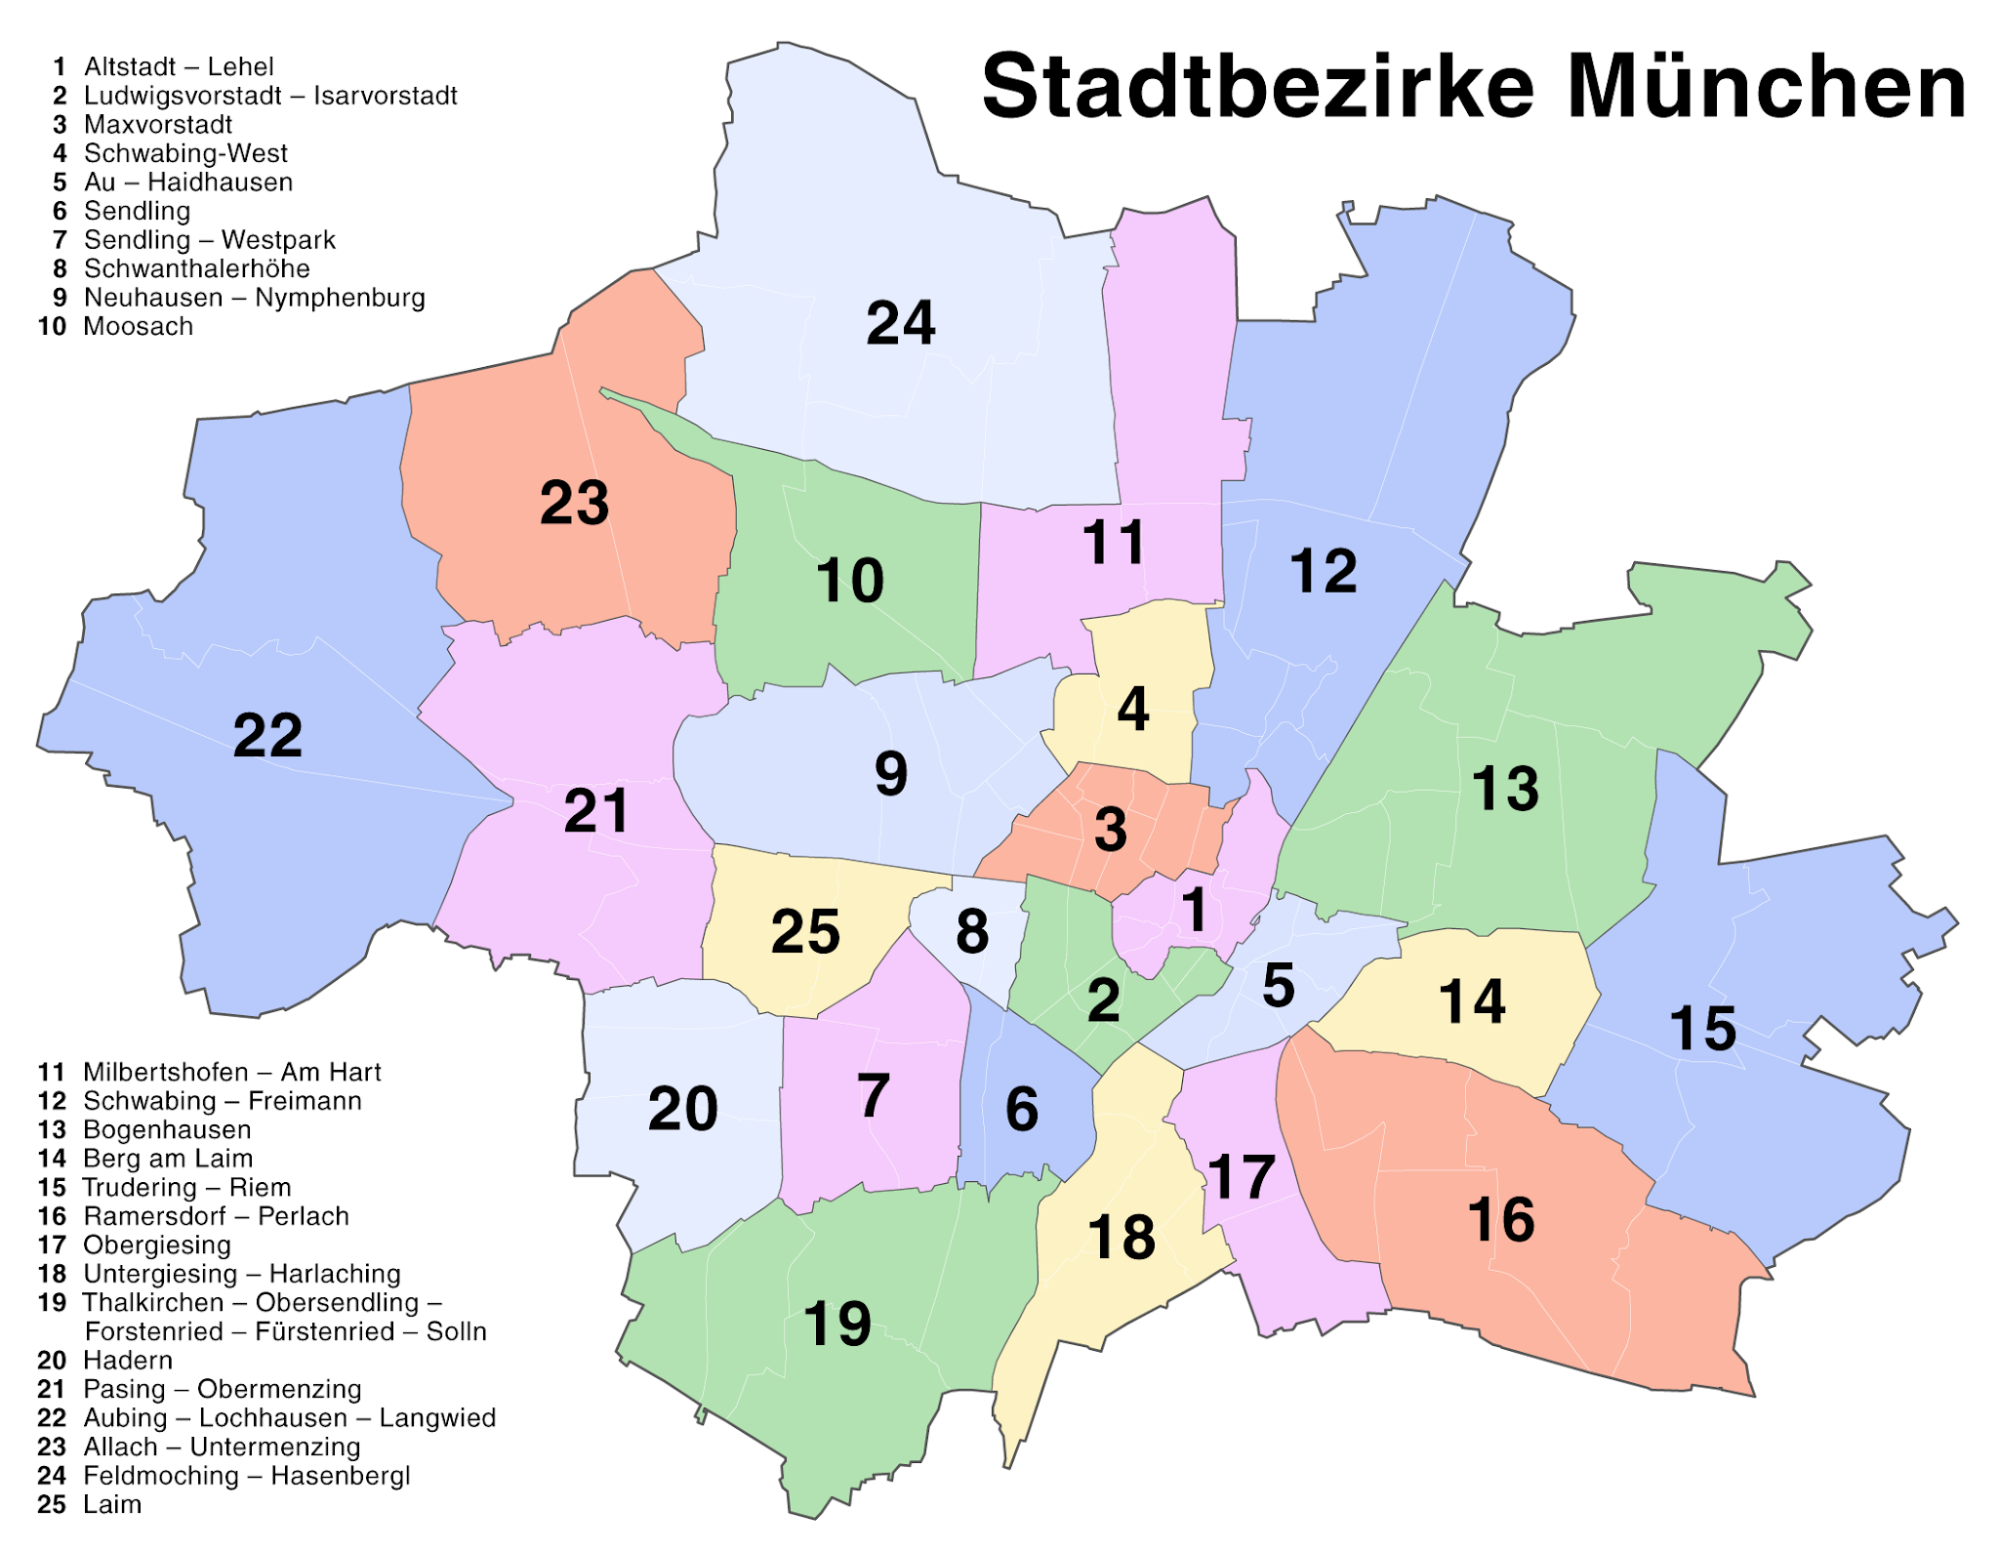 Мюнхен где лучше жить купить дом в баварии